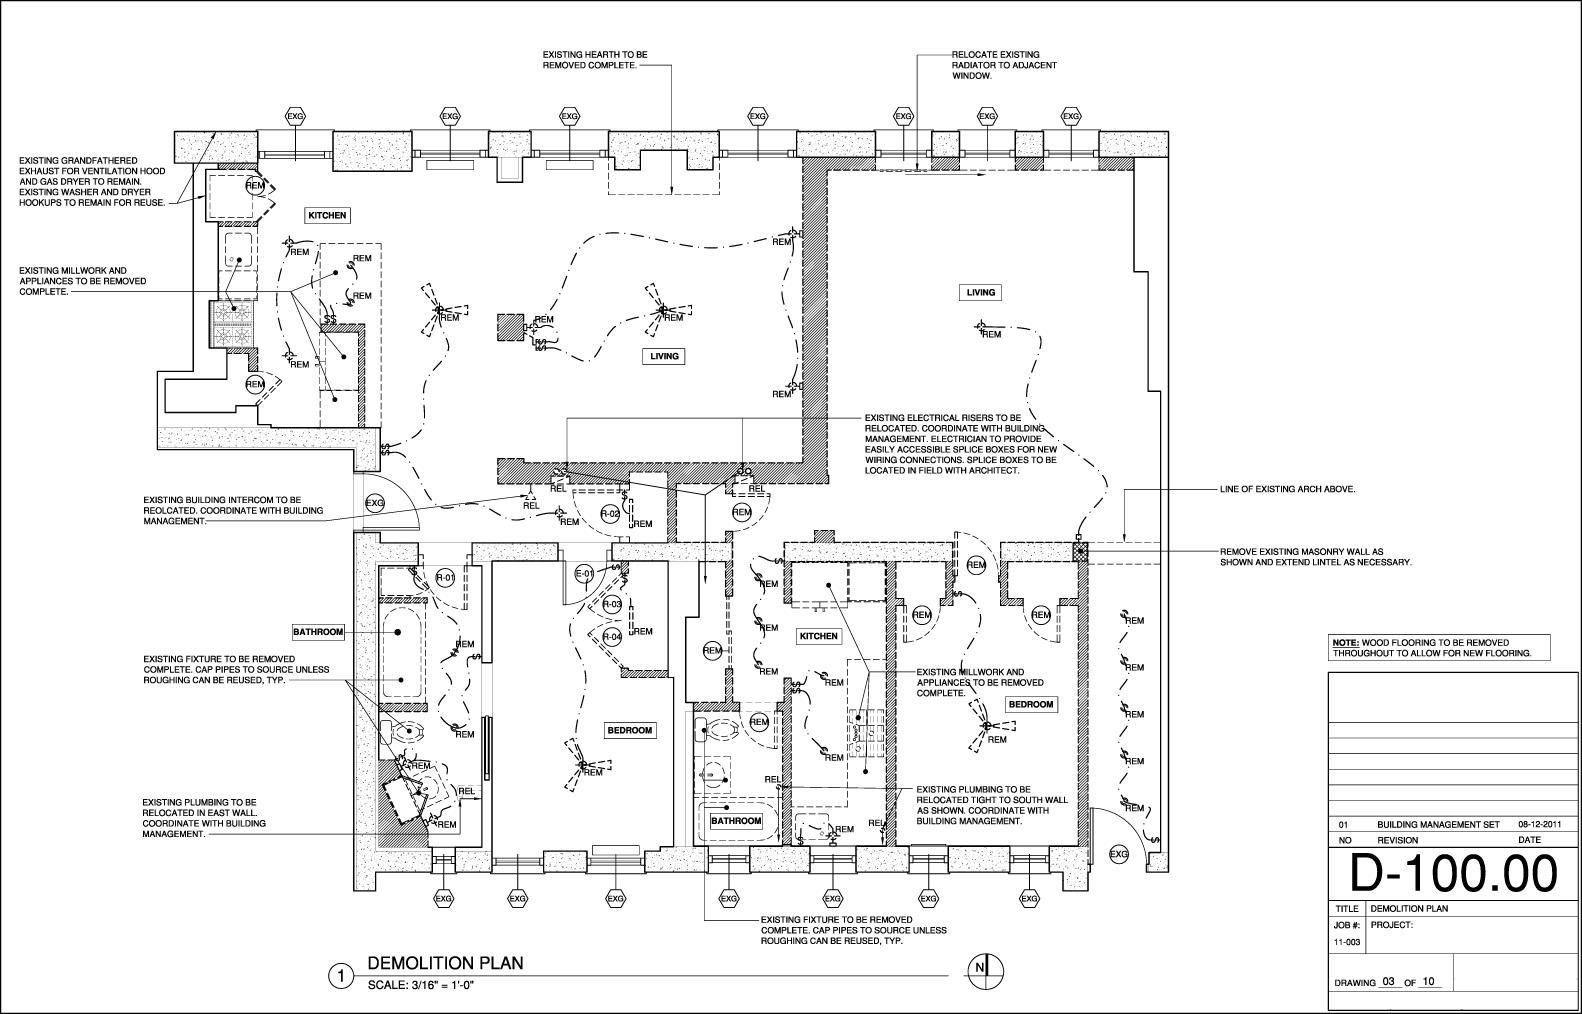 suntect architecture design interiors combining